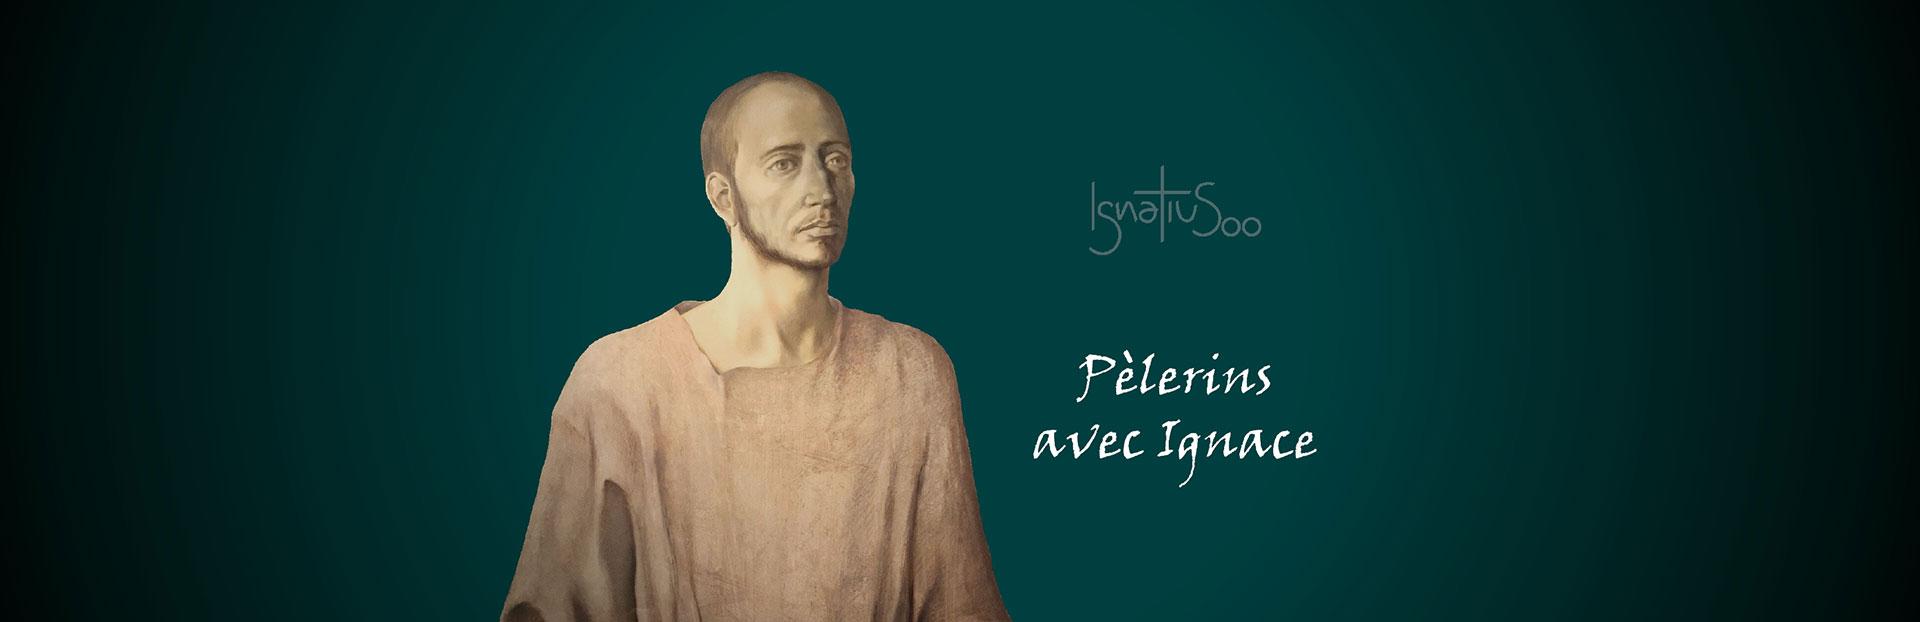 Pèlerins avec Ignace